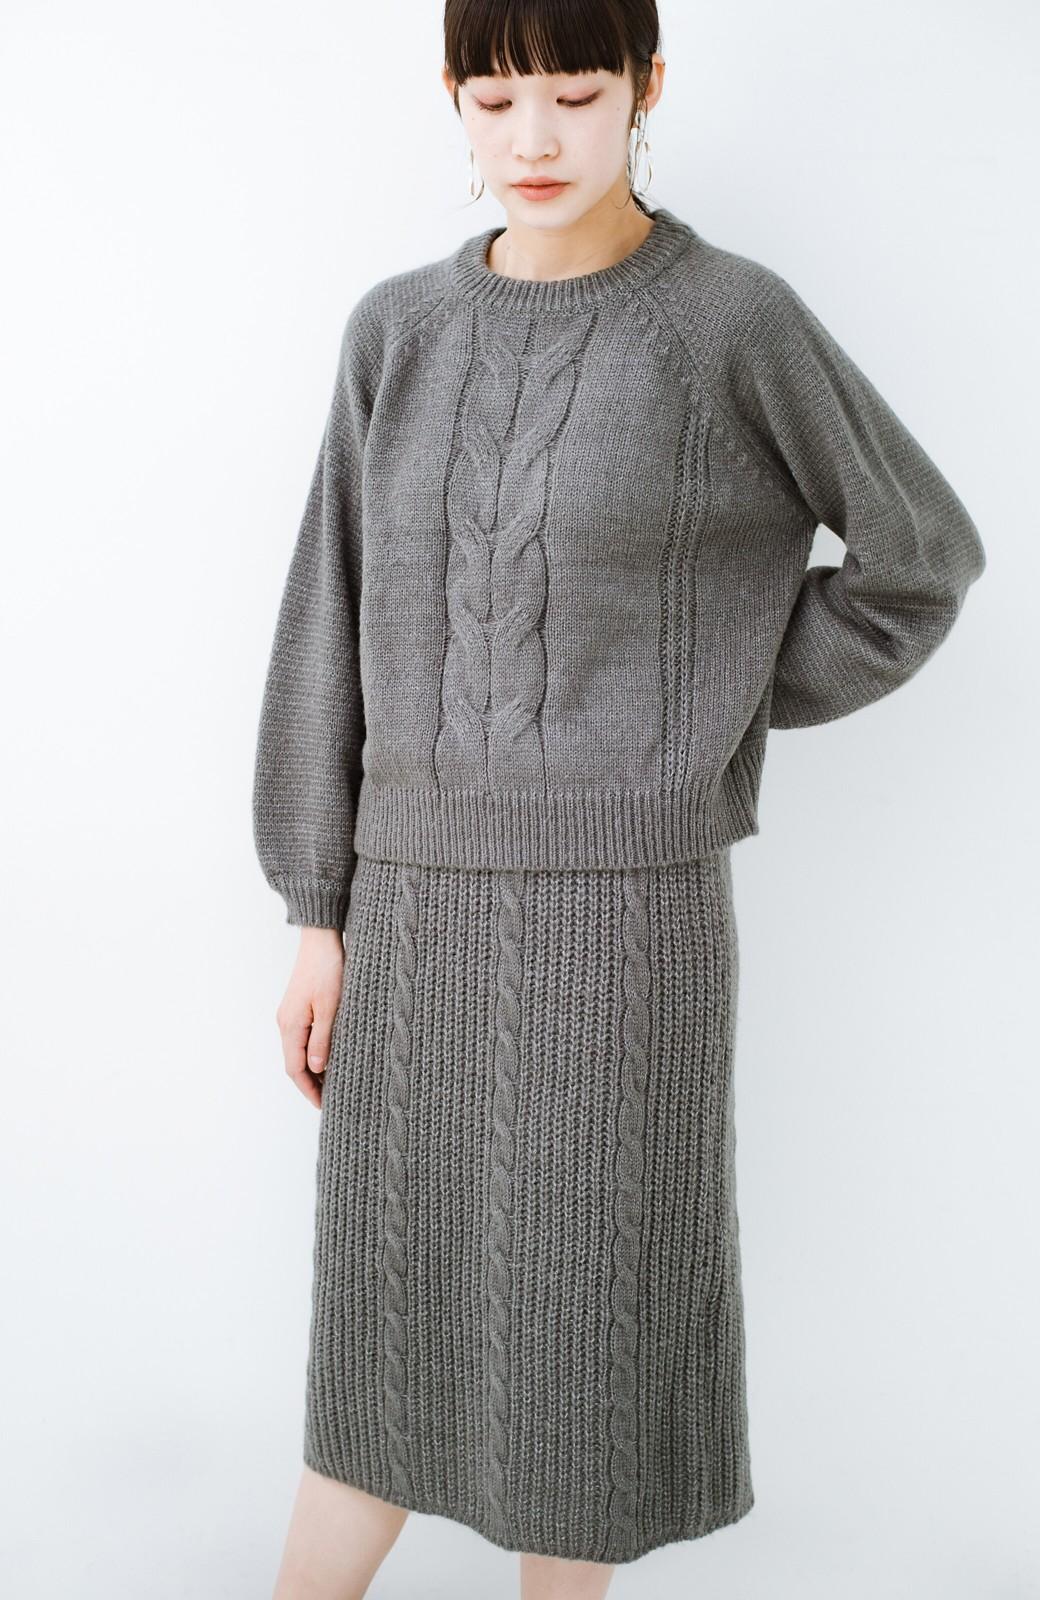 haco! しまった!寝坊した!ってときにも安心なケーブル編みがかわいいニットアップ <グレー>の商品写真19